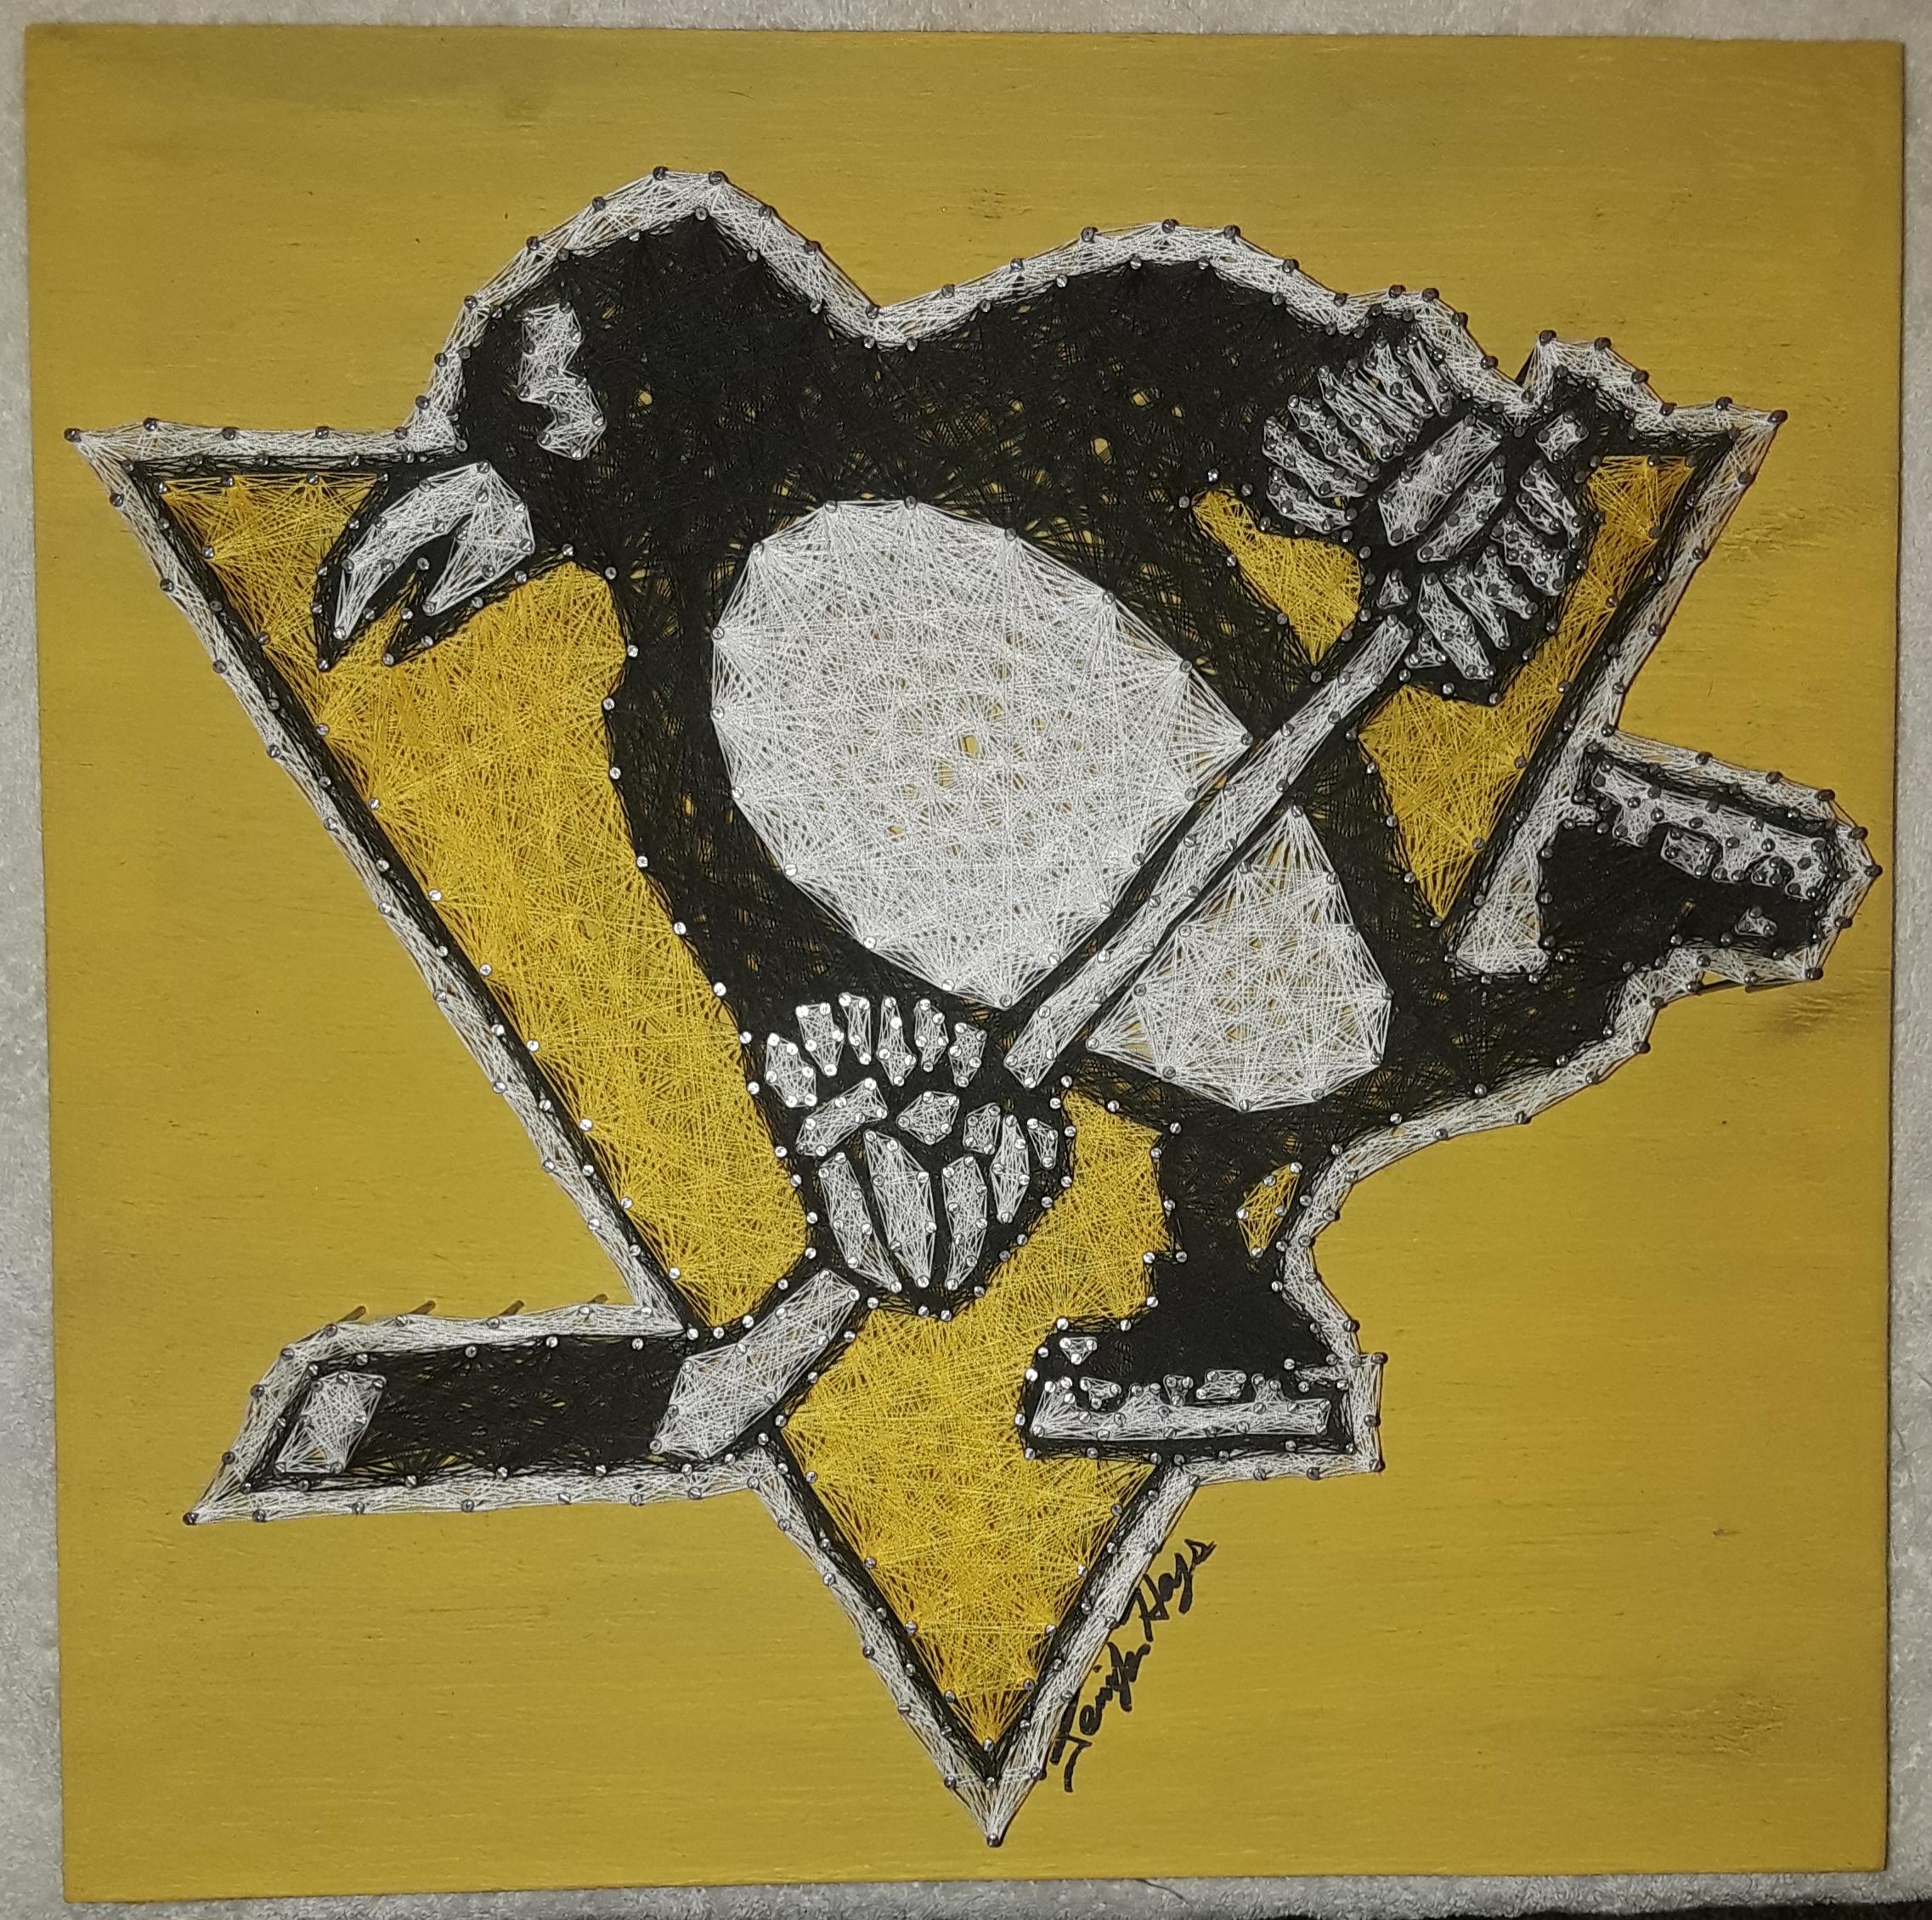 16x16 Penguins